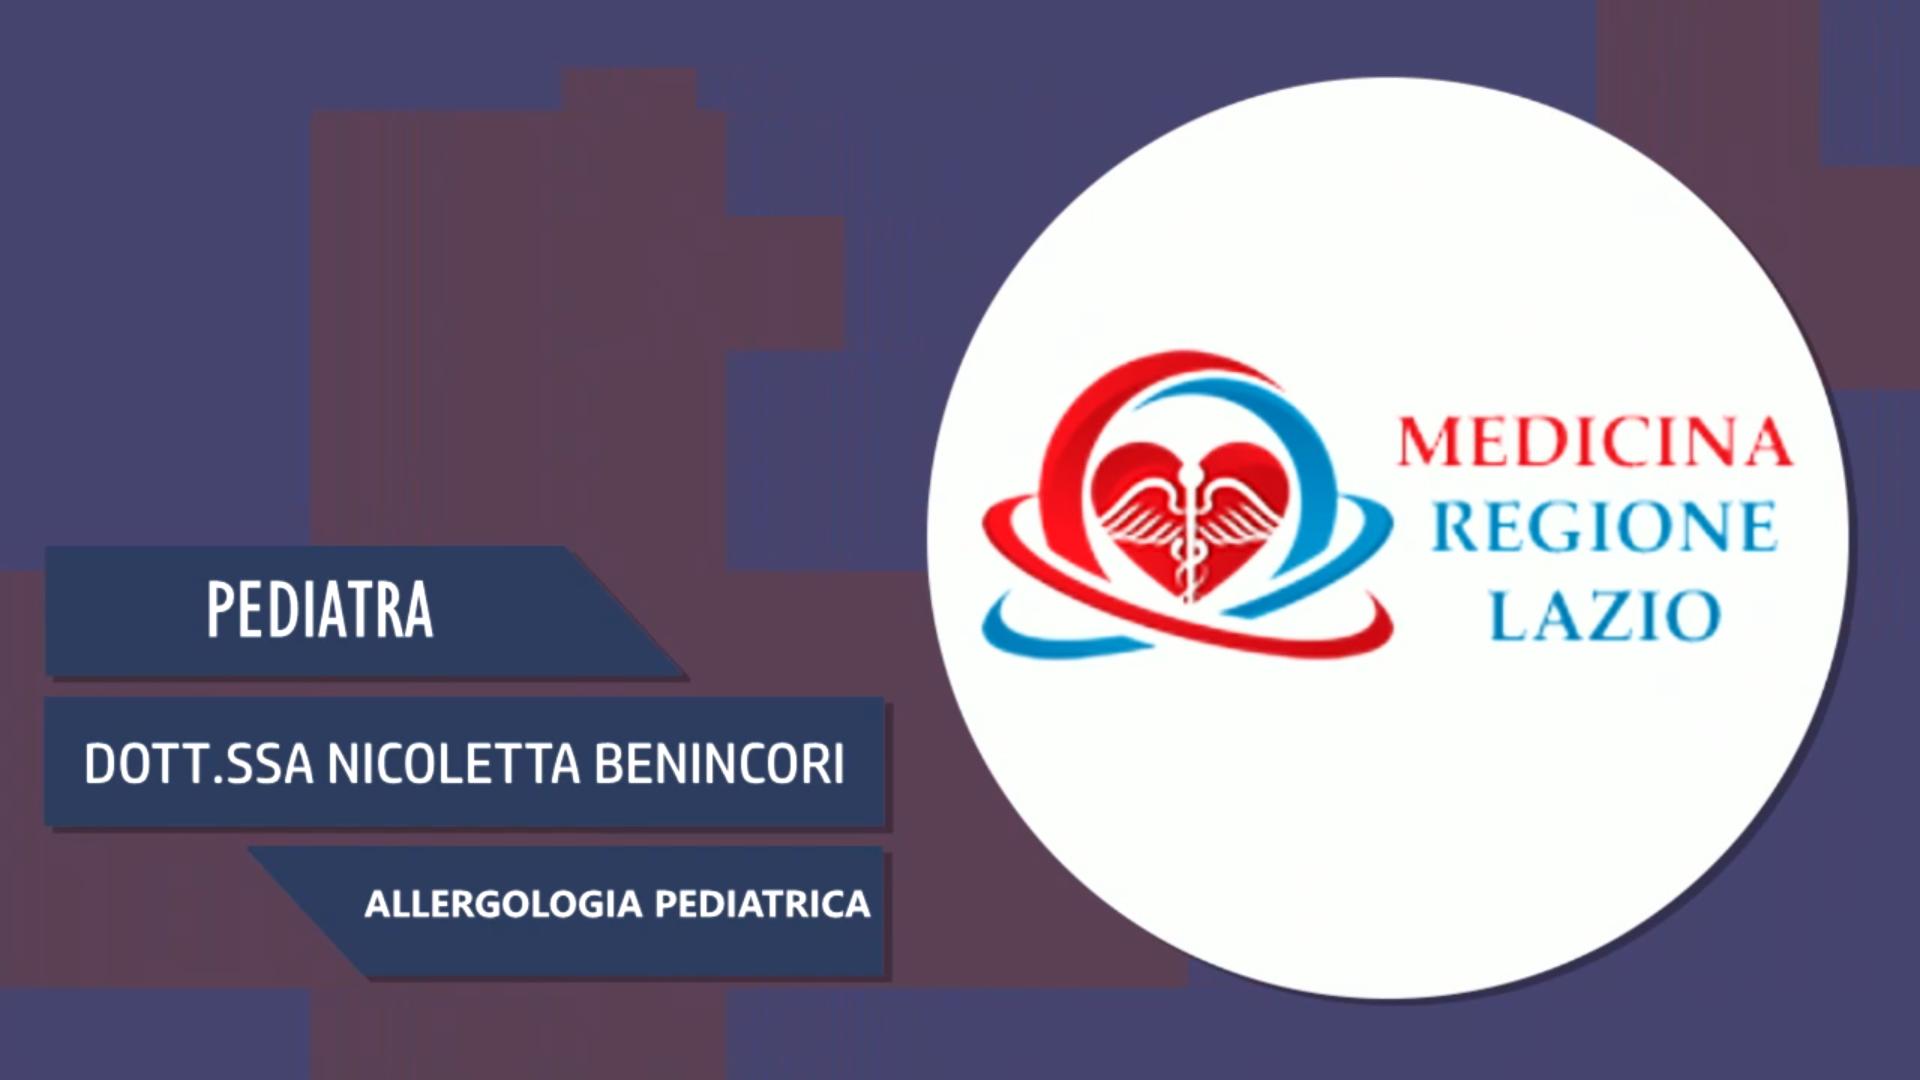 Intervista alla Dott.ssa Nicoletta Benincori – Allergologia pediatrica